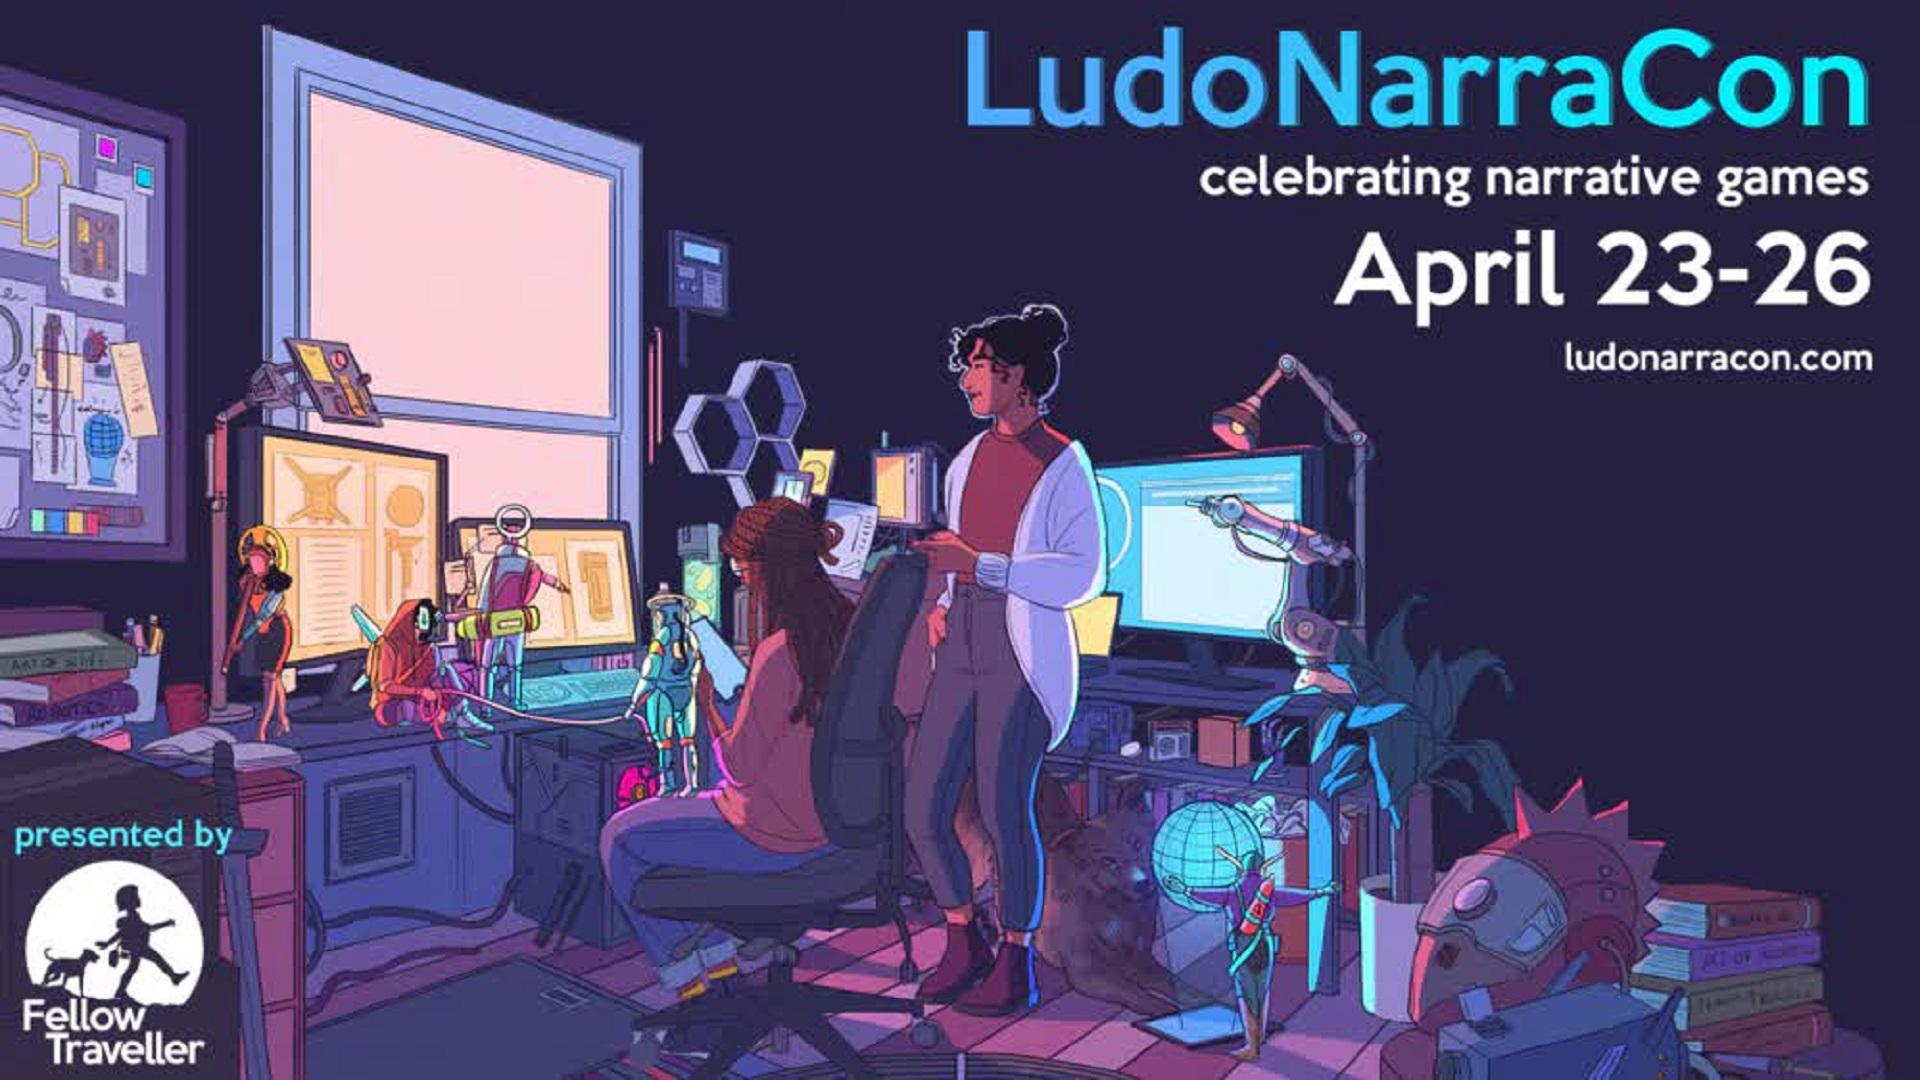 LudoNarraCon header